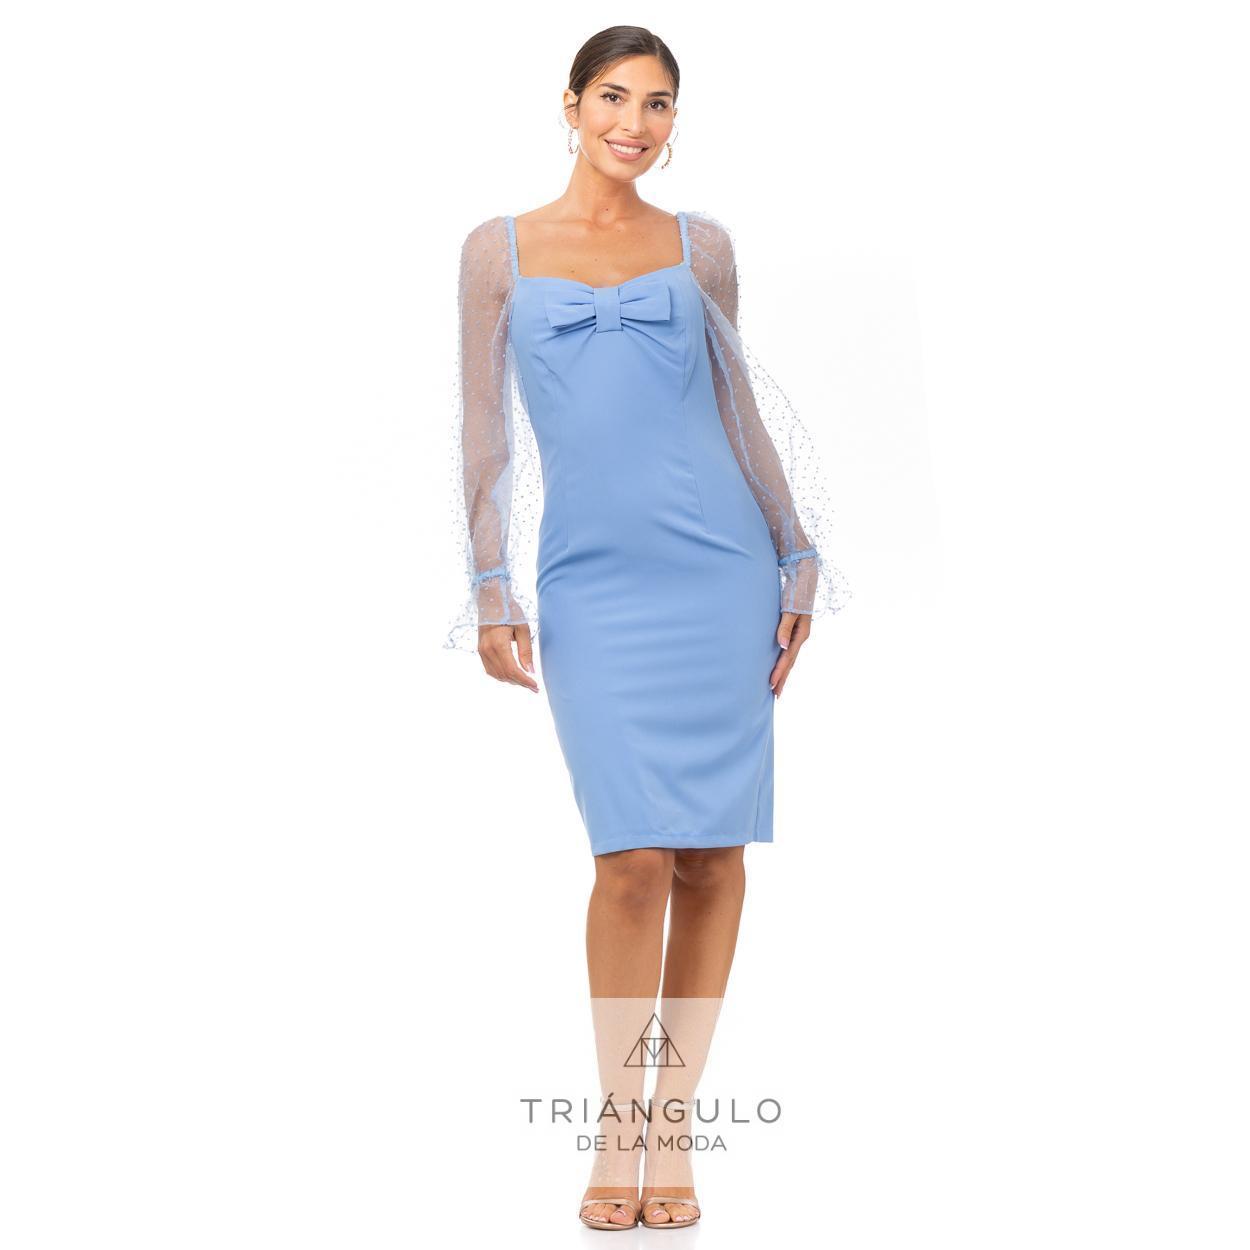 Tienda online del Triangulo de la Moda VESTIDO CORTO MANGAS DE ORGANZA